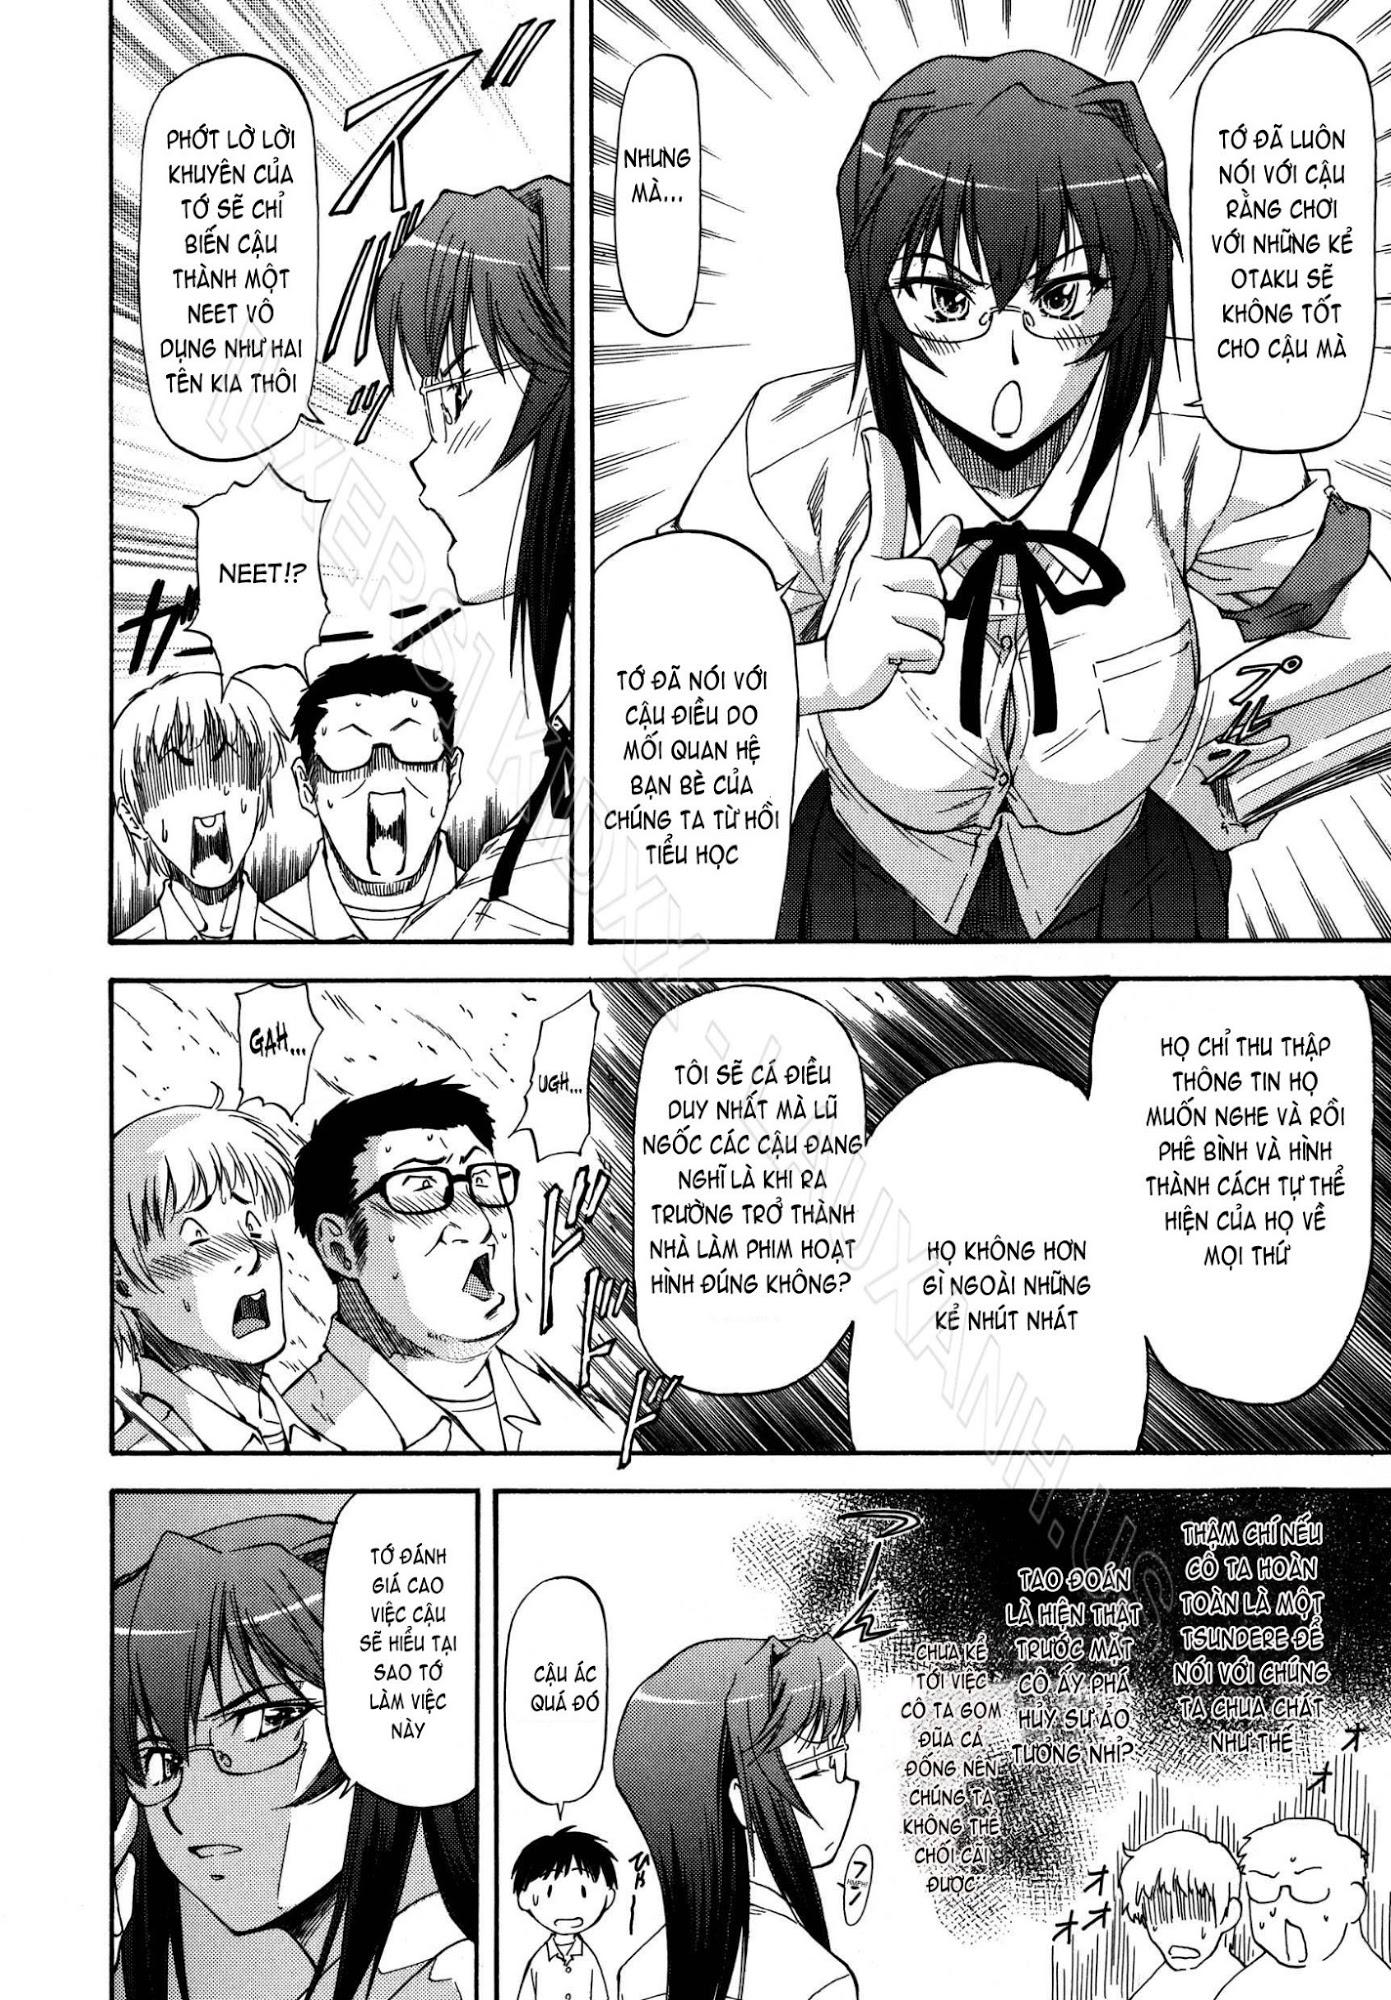 Hình ảnh Hinh_001 in Truyện tranh hentai không che: Parabellum